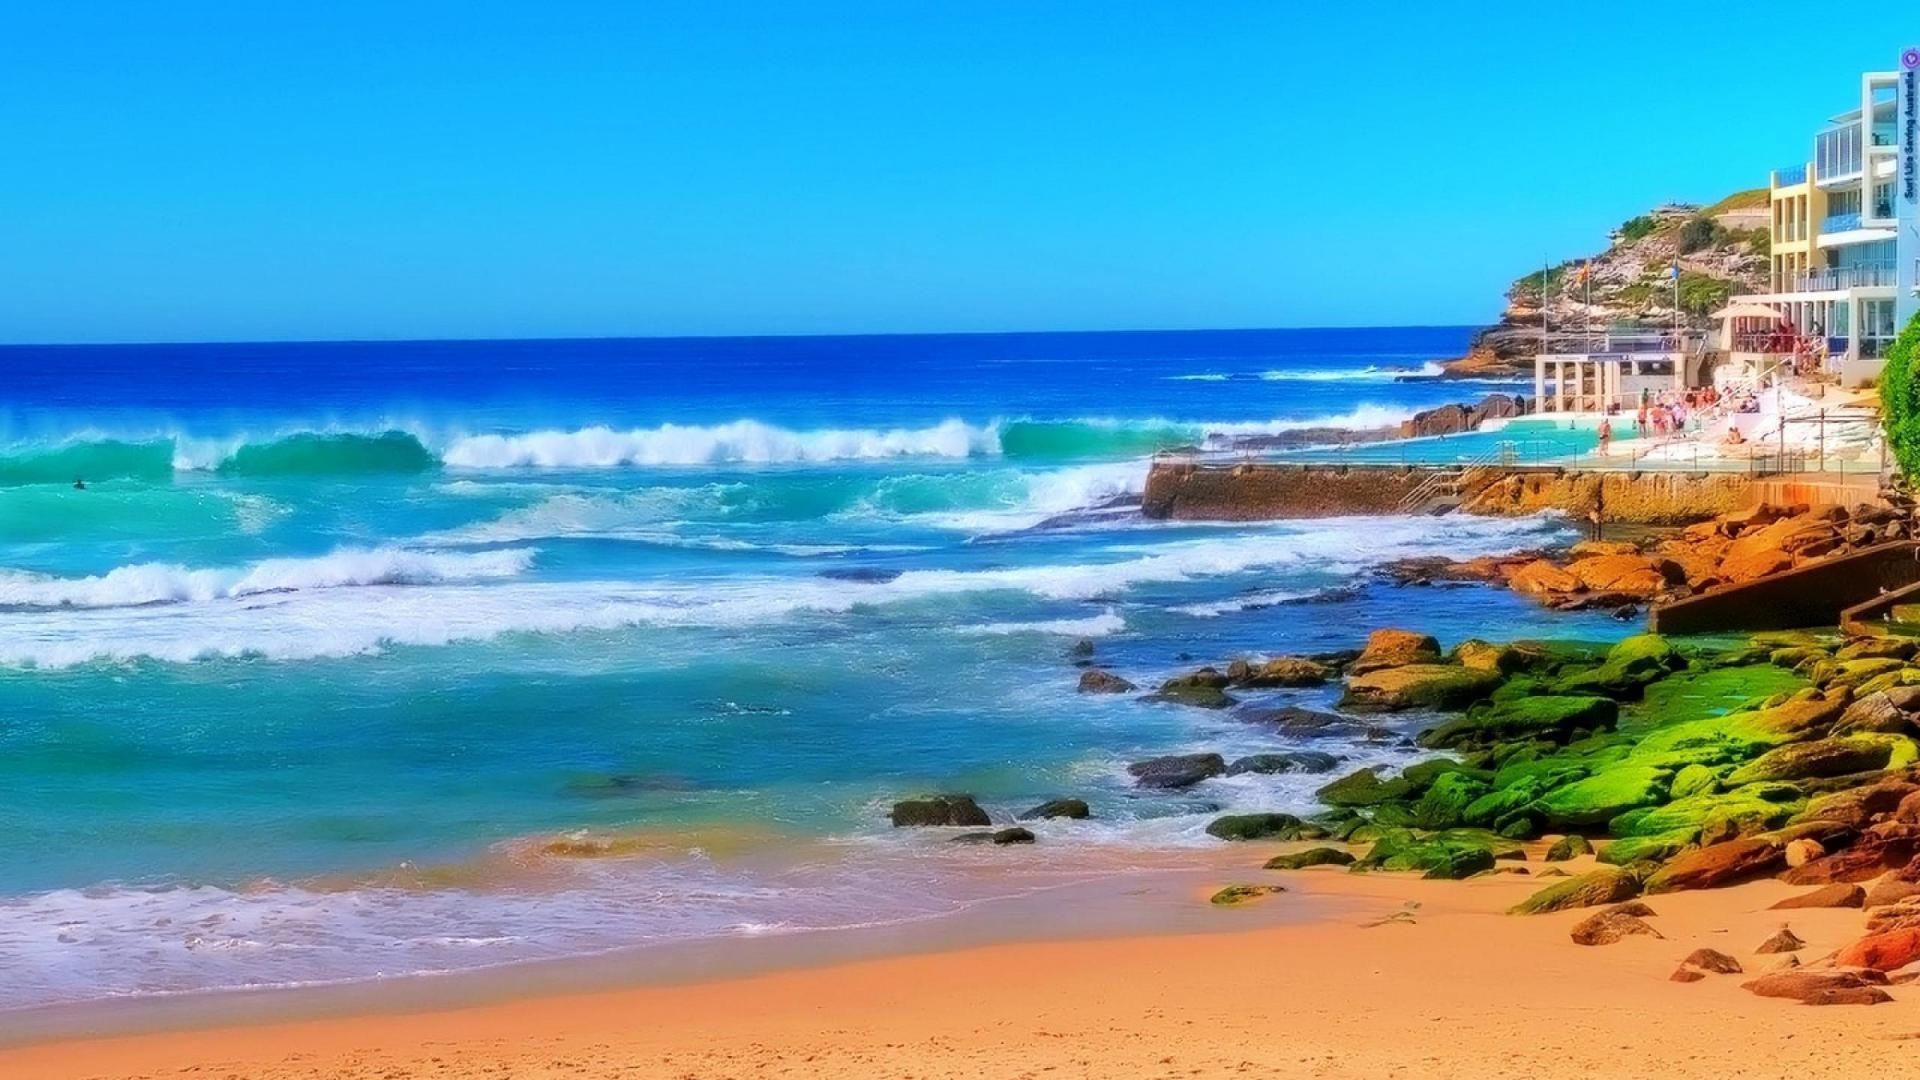 Beach Wallpapers 1080p wallpaper wallpaper hd background desktop 1920x1080